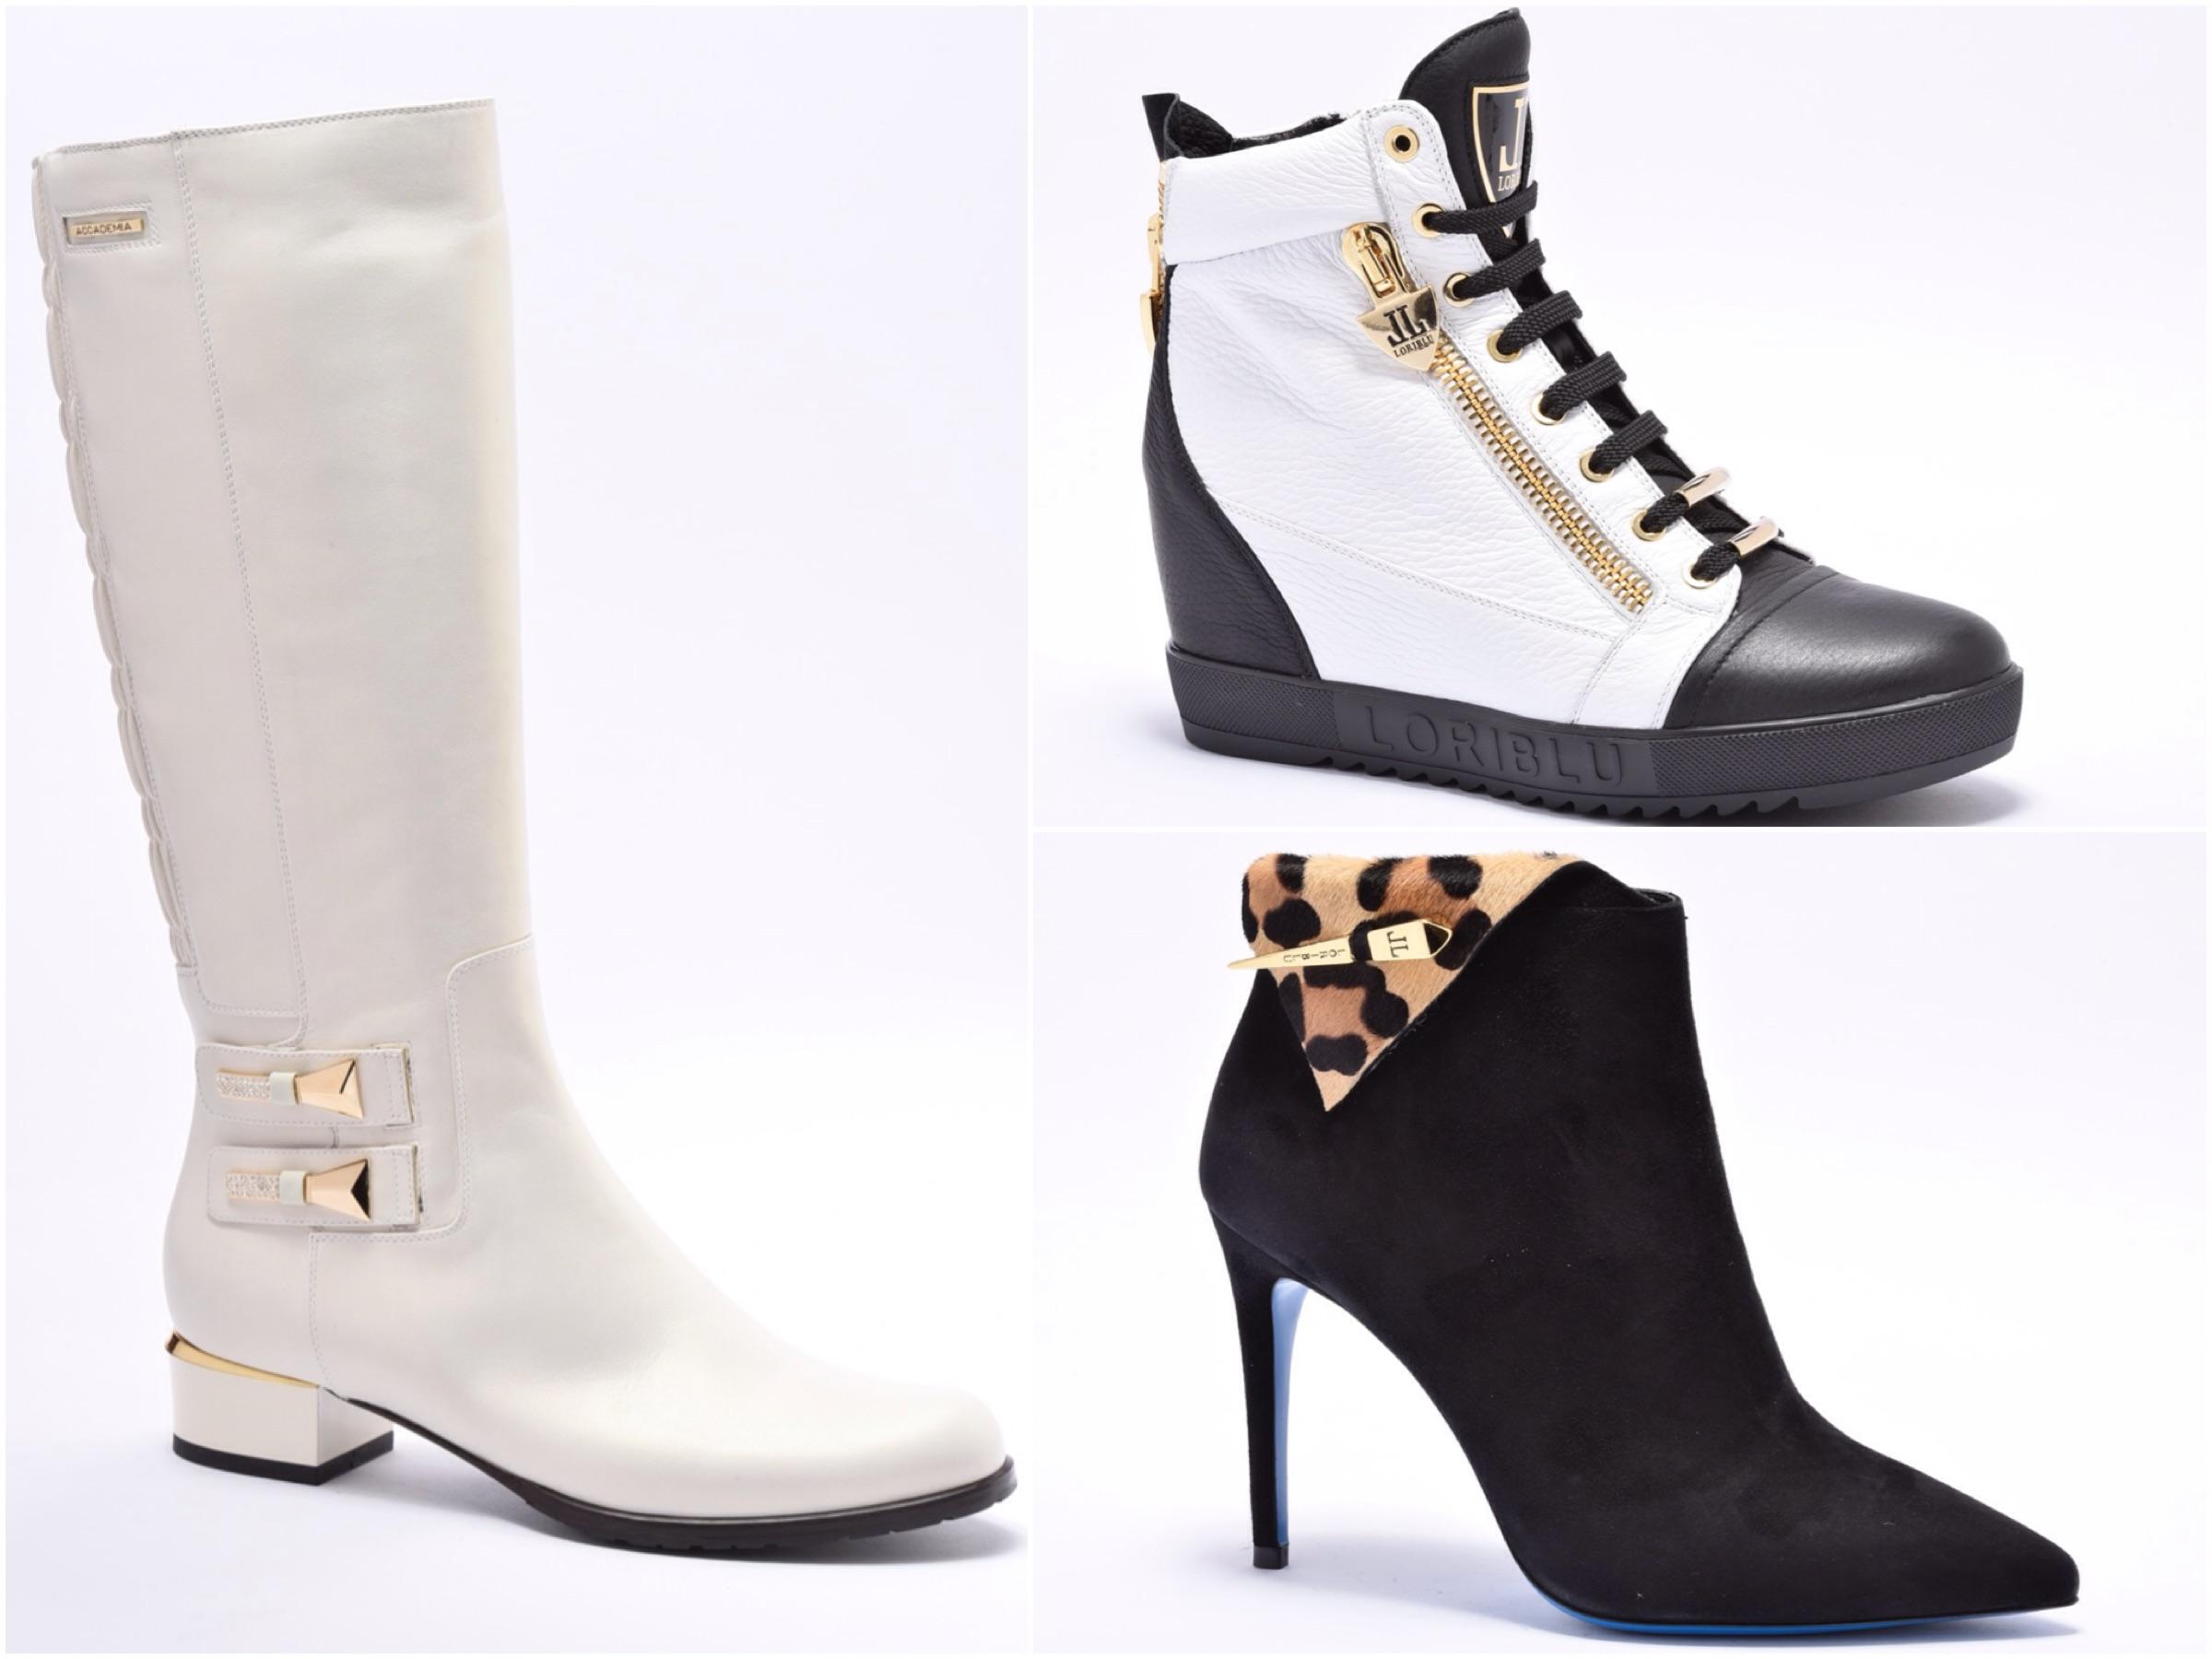 Обувь и аксессуары Lafayette Italy: 77 лет 100% итальянского качества и дизайна